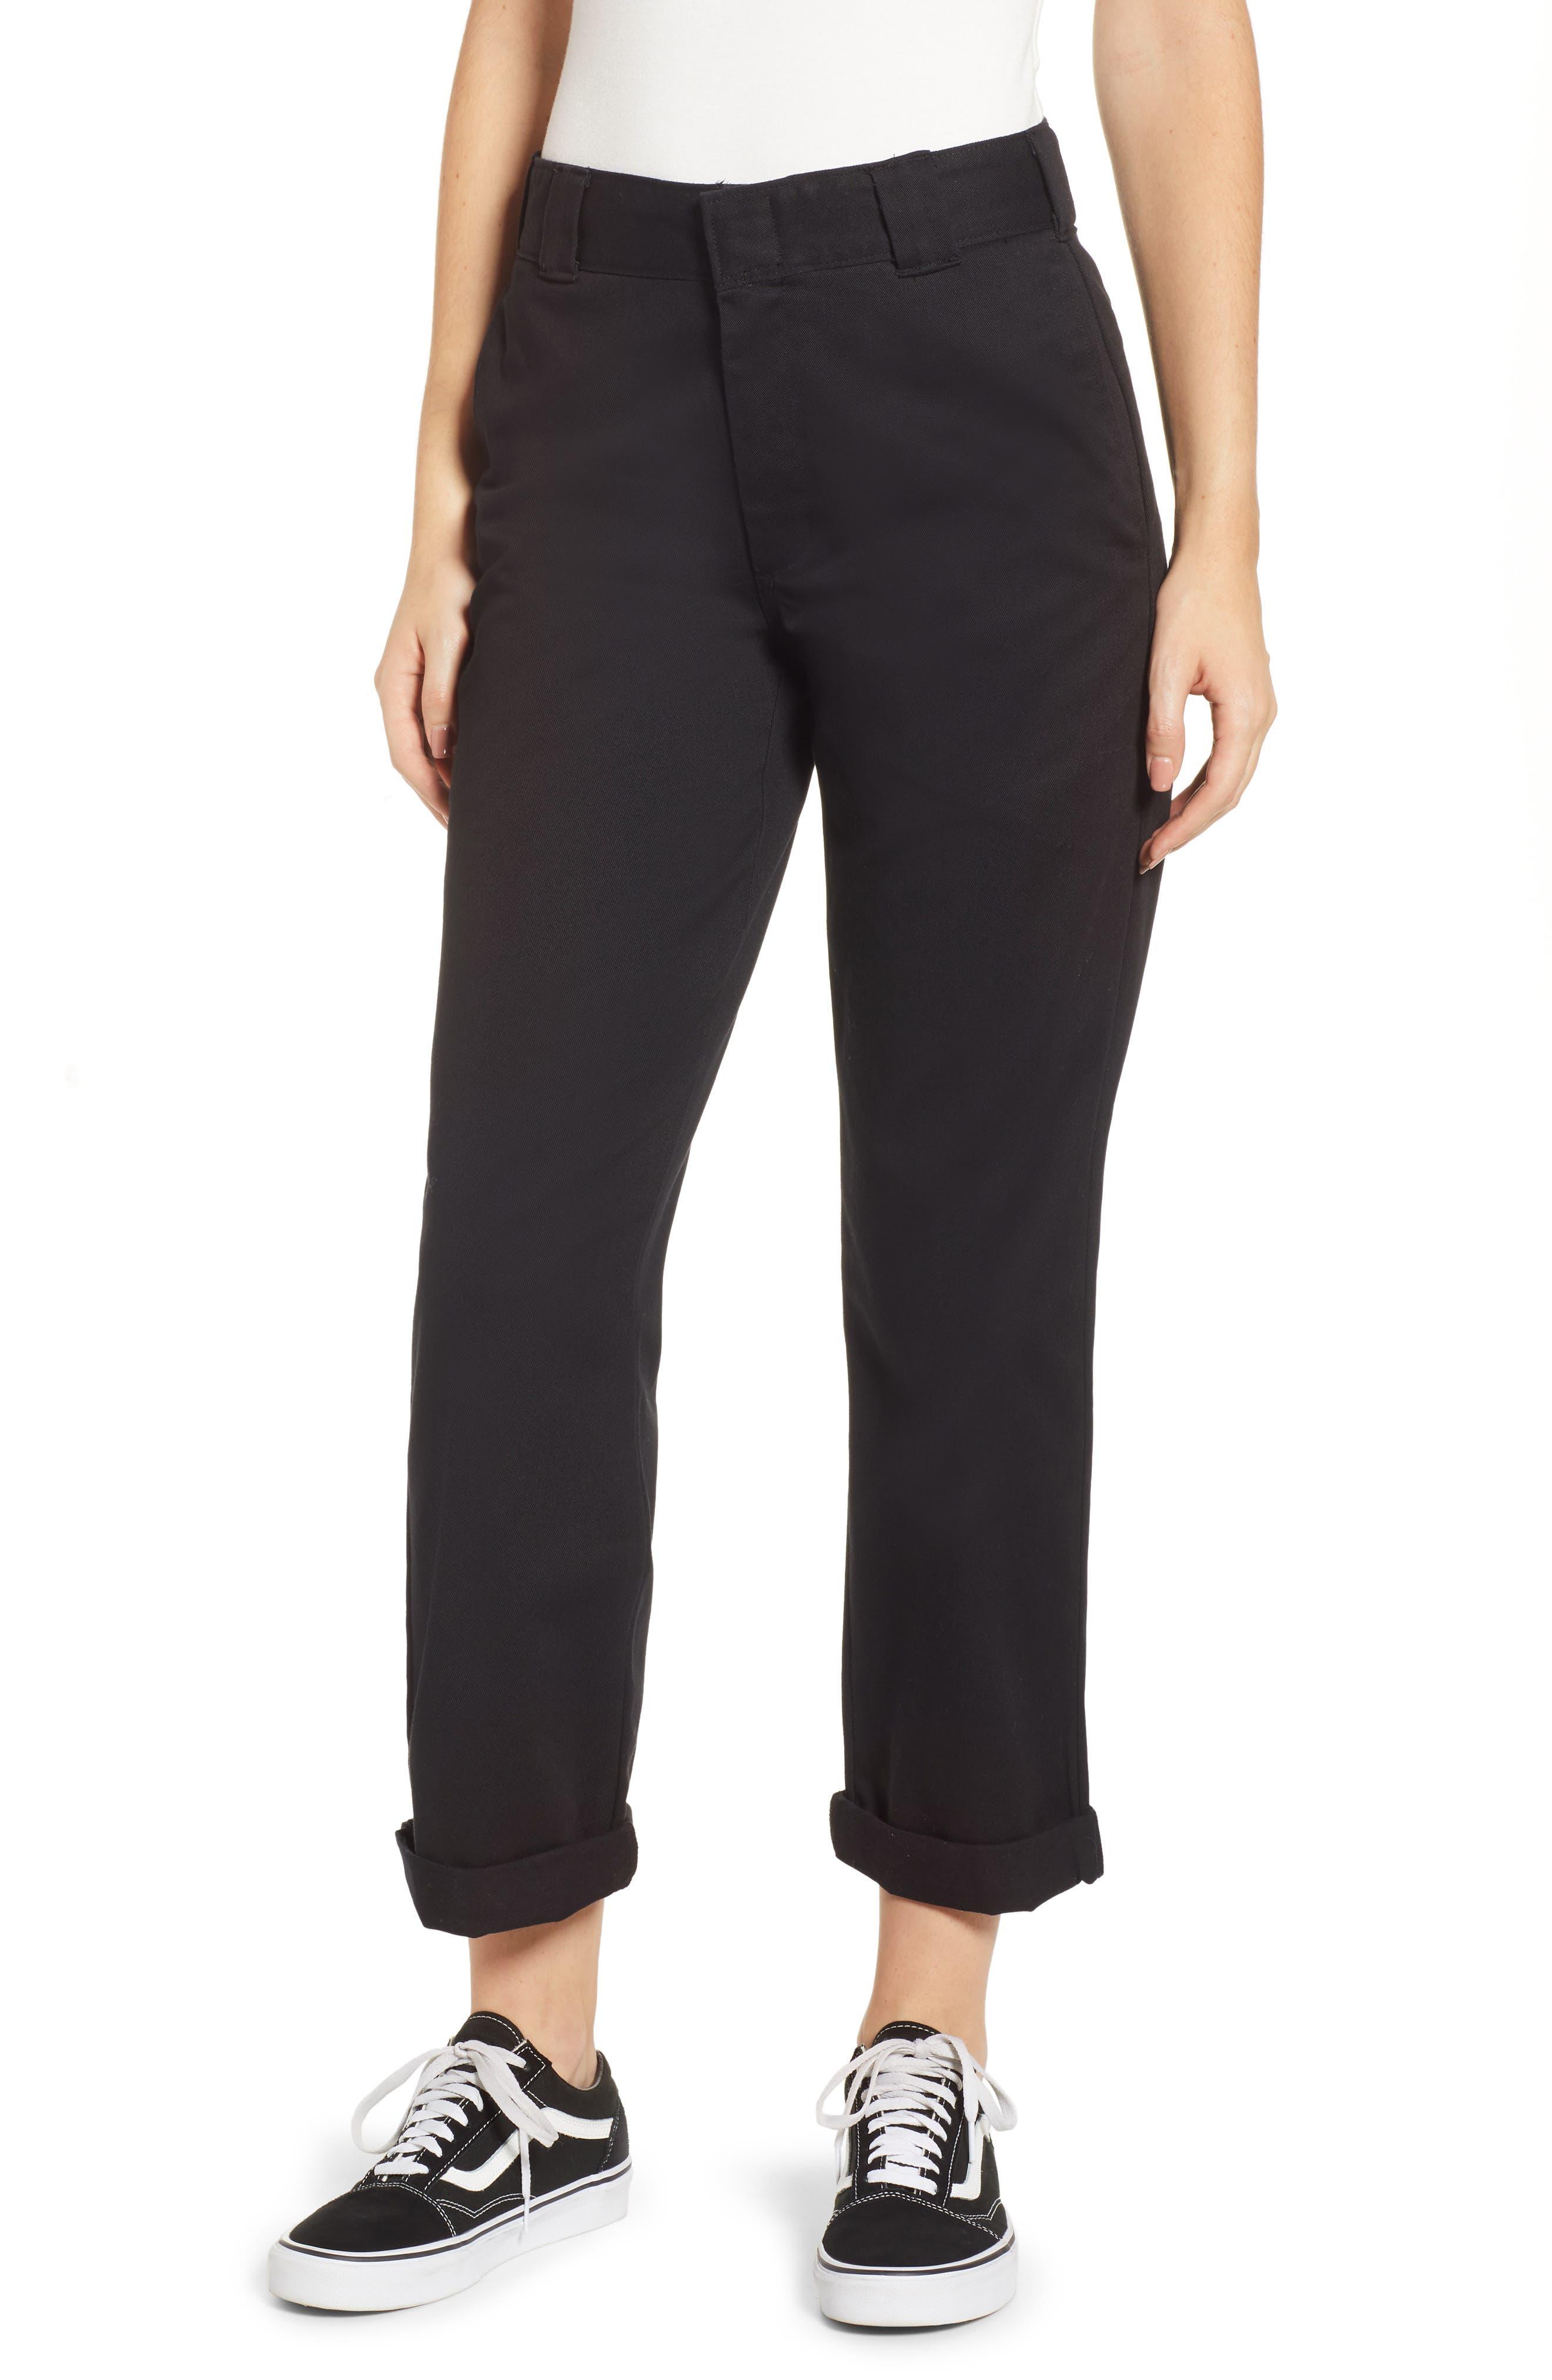 Women's Dickies Crop Work Pants